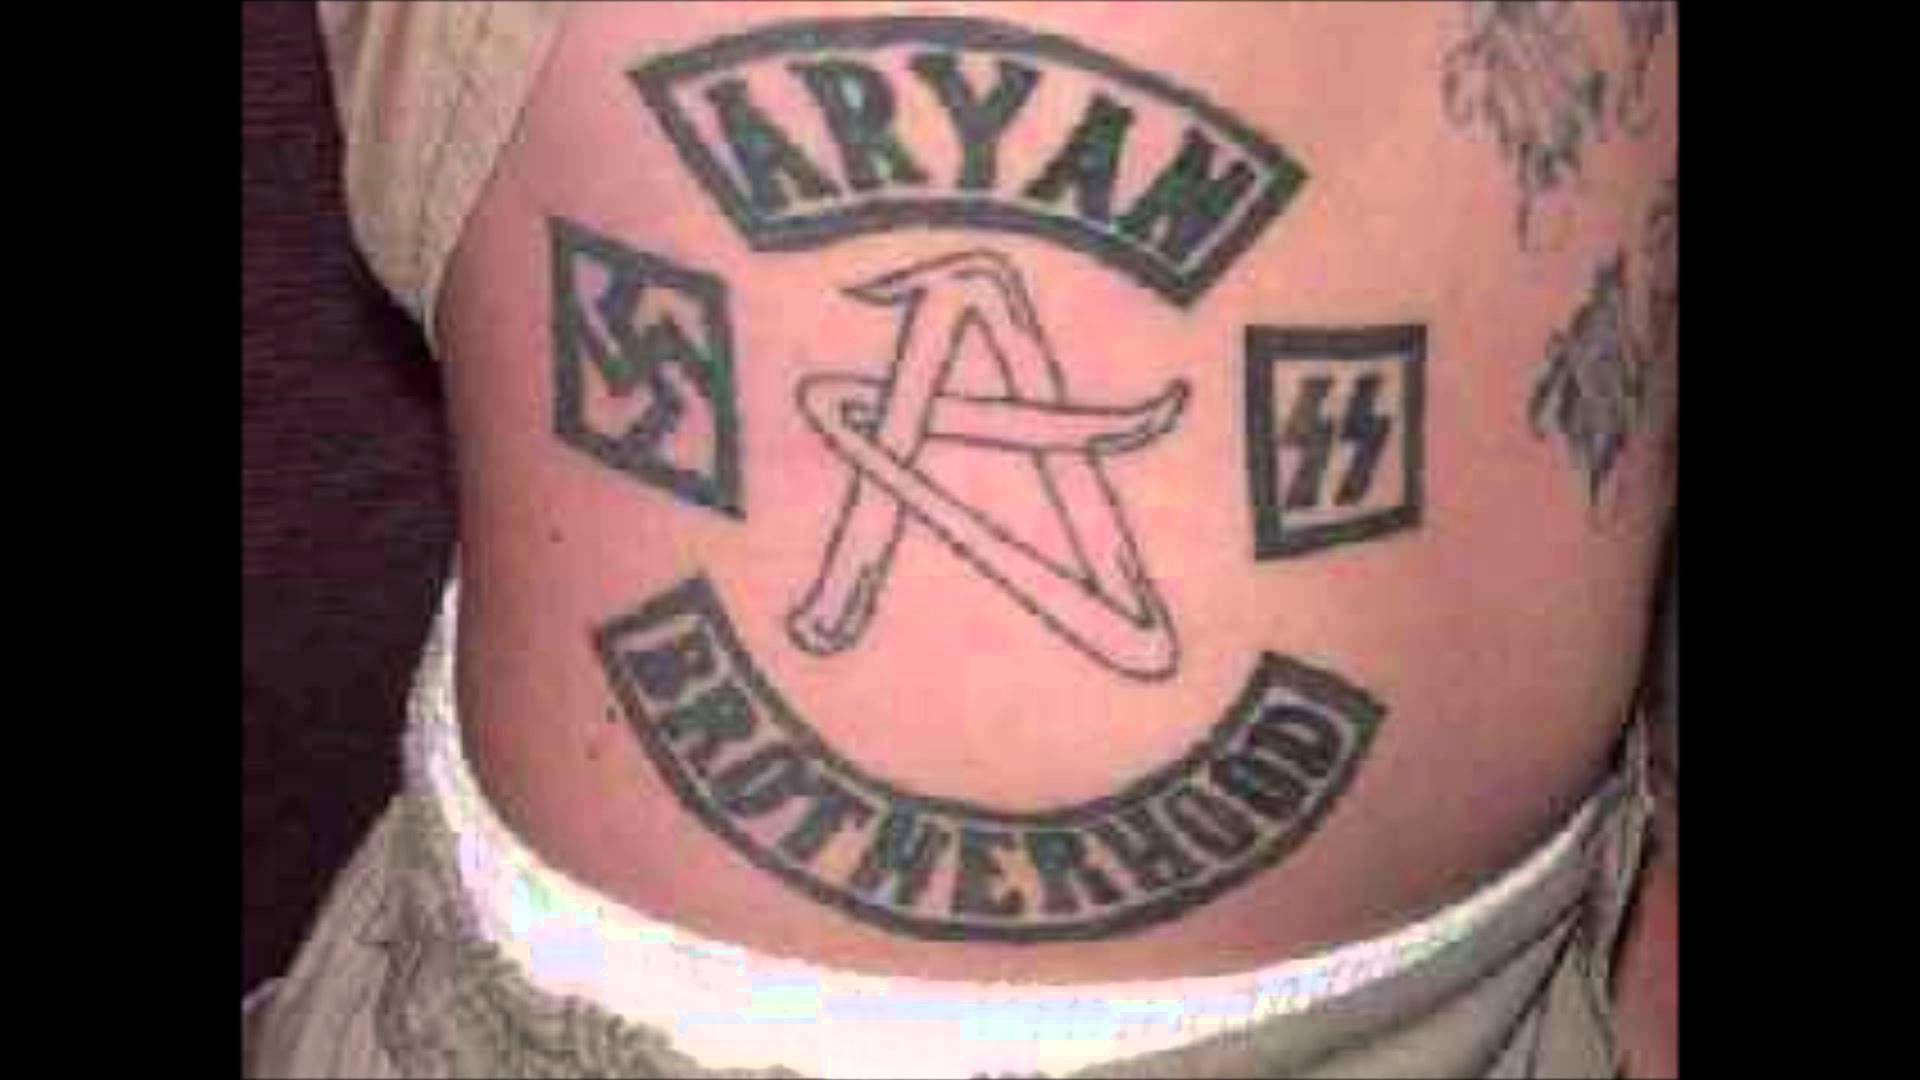 Prison gang tattoos part 2 evil tattoo flash pinterest prison gang tattoos part 2 biocorpaavc